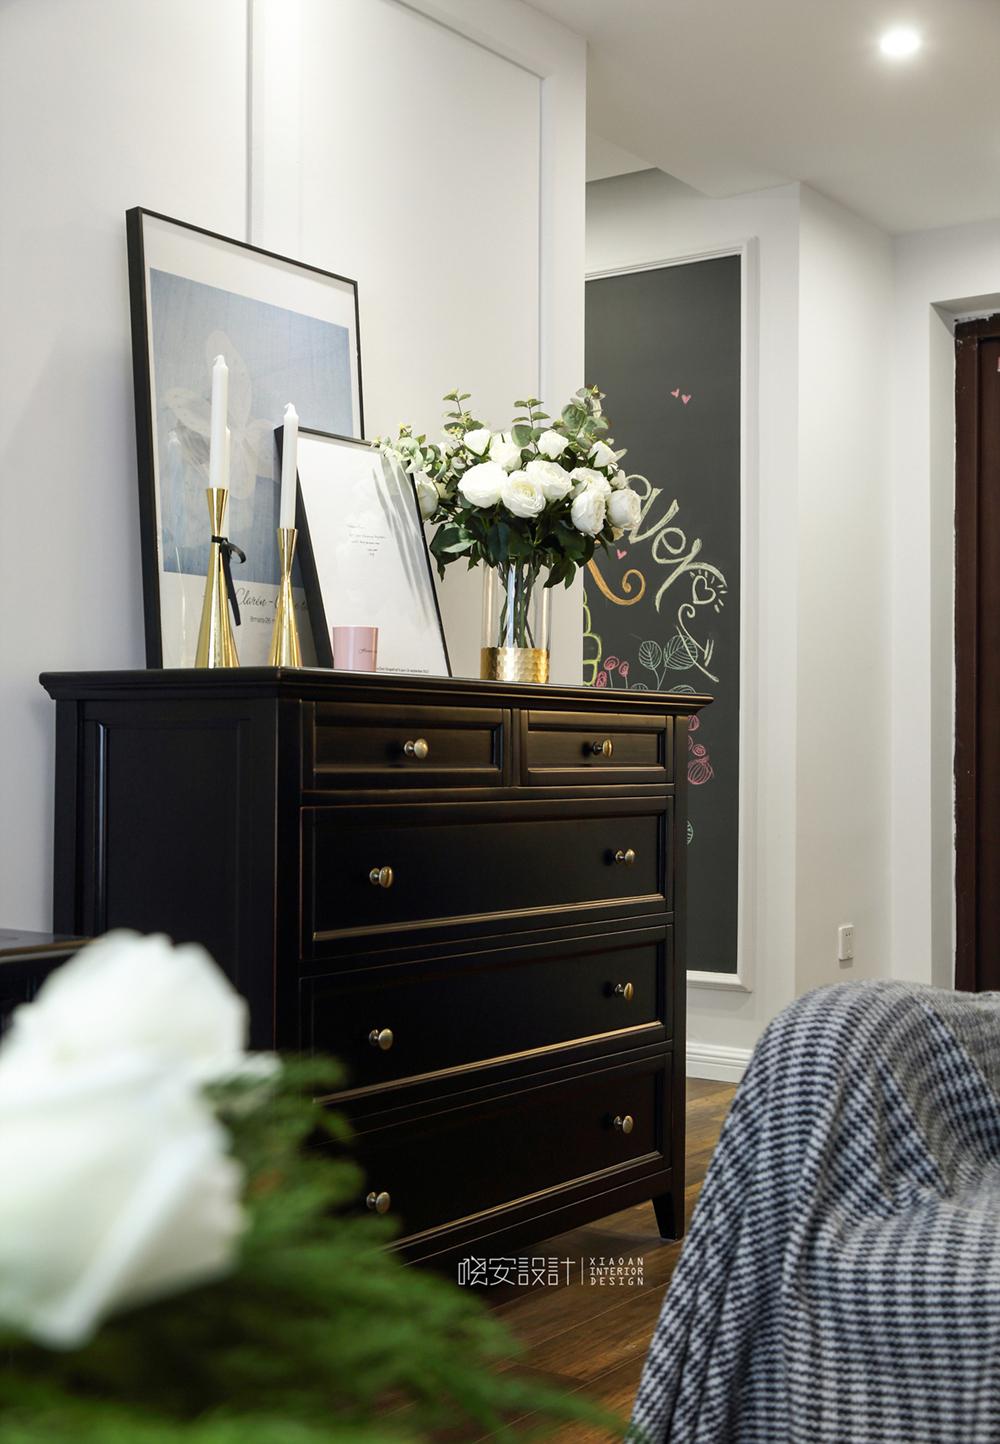 80㎡美式风格家边柜装饰摆件